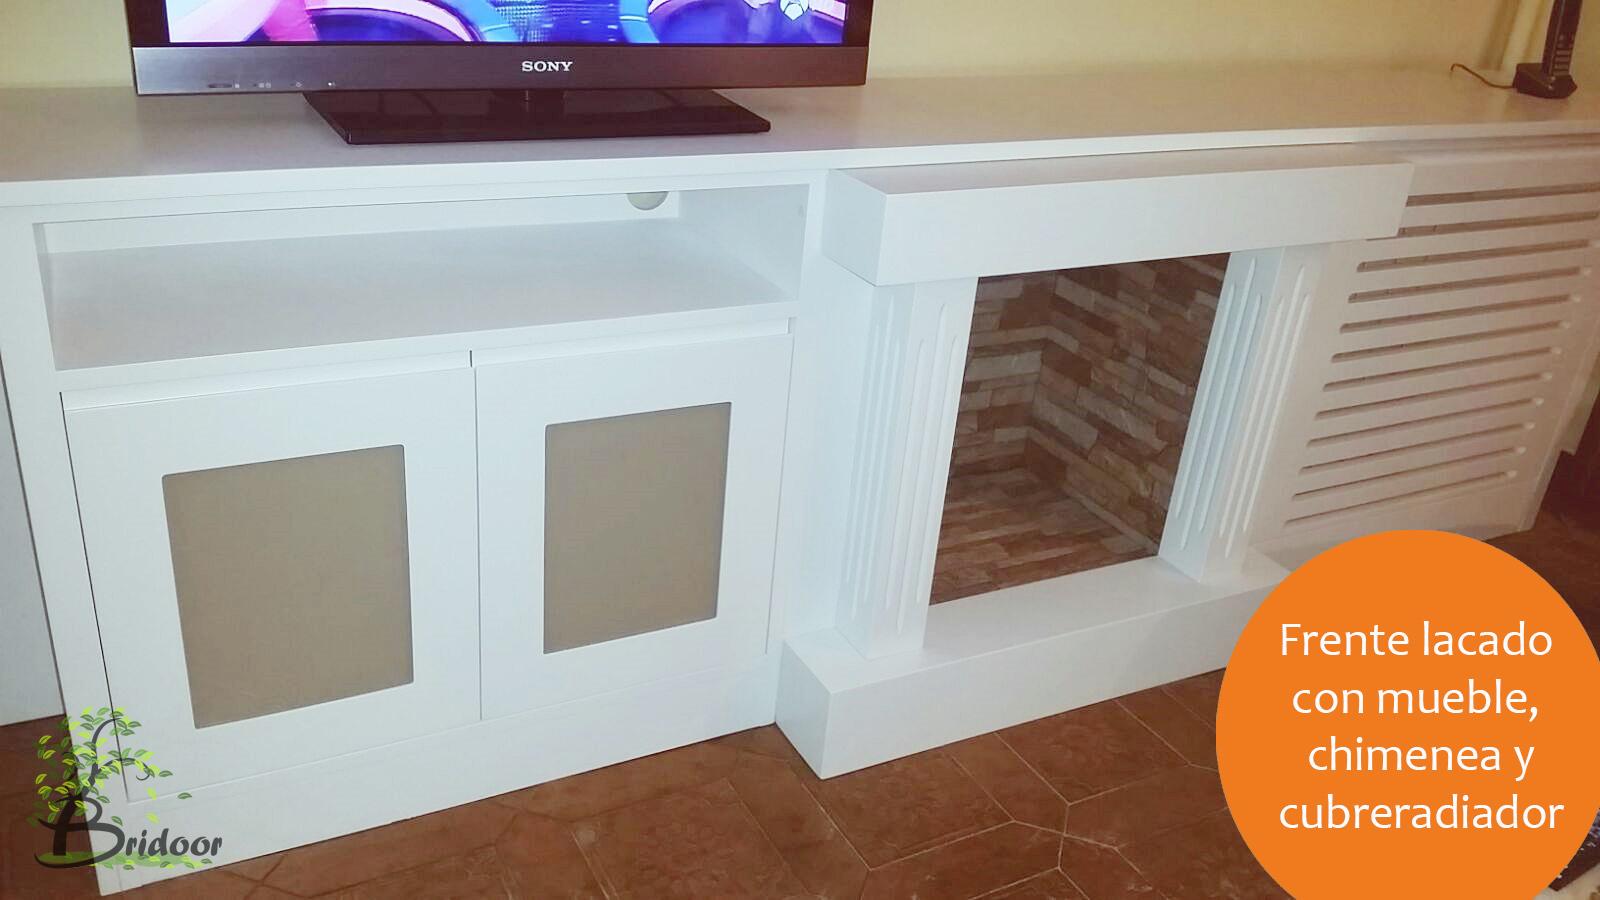 Como lacar un mueble stunning como pintar muebles de - Pintar aluminio lacado ...